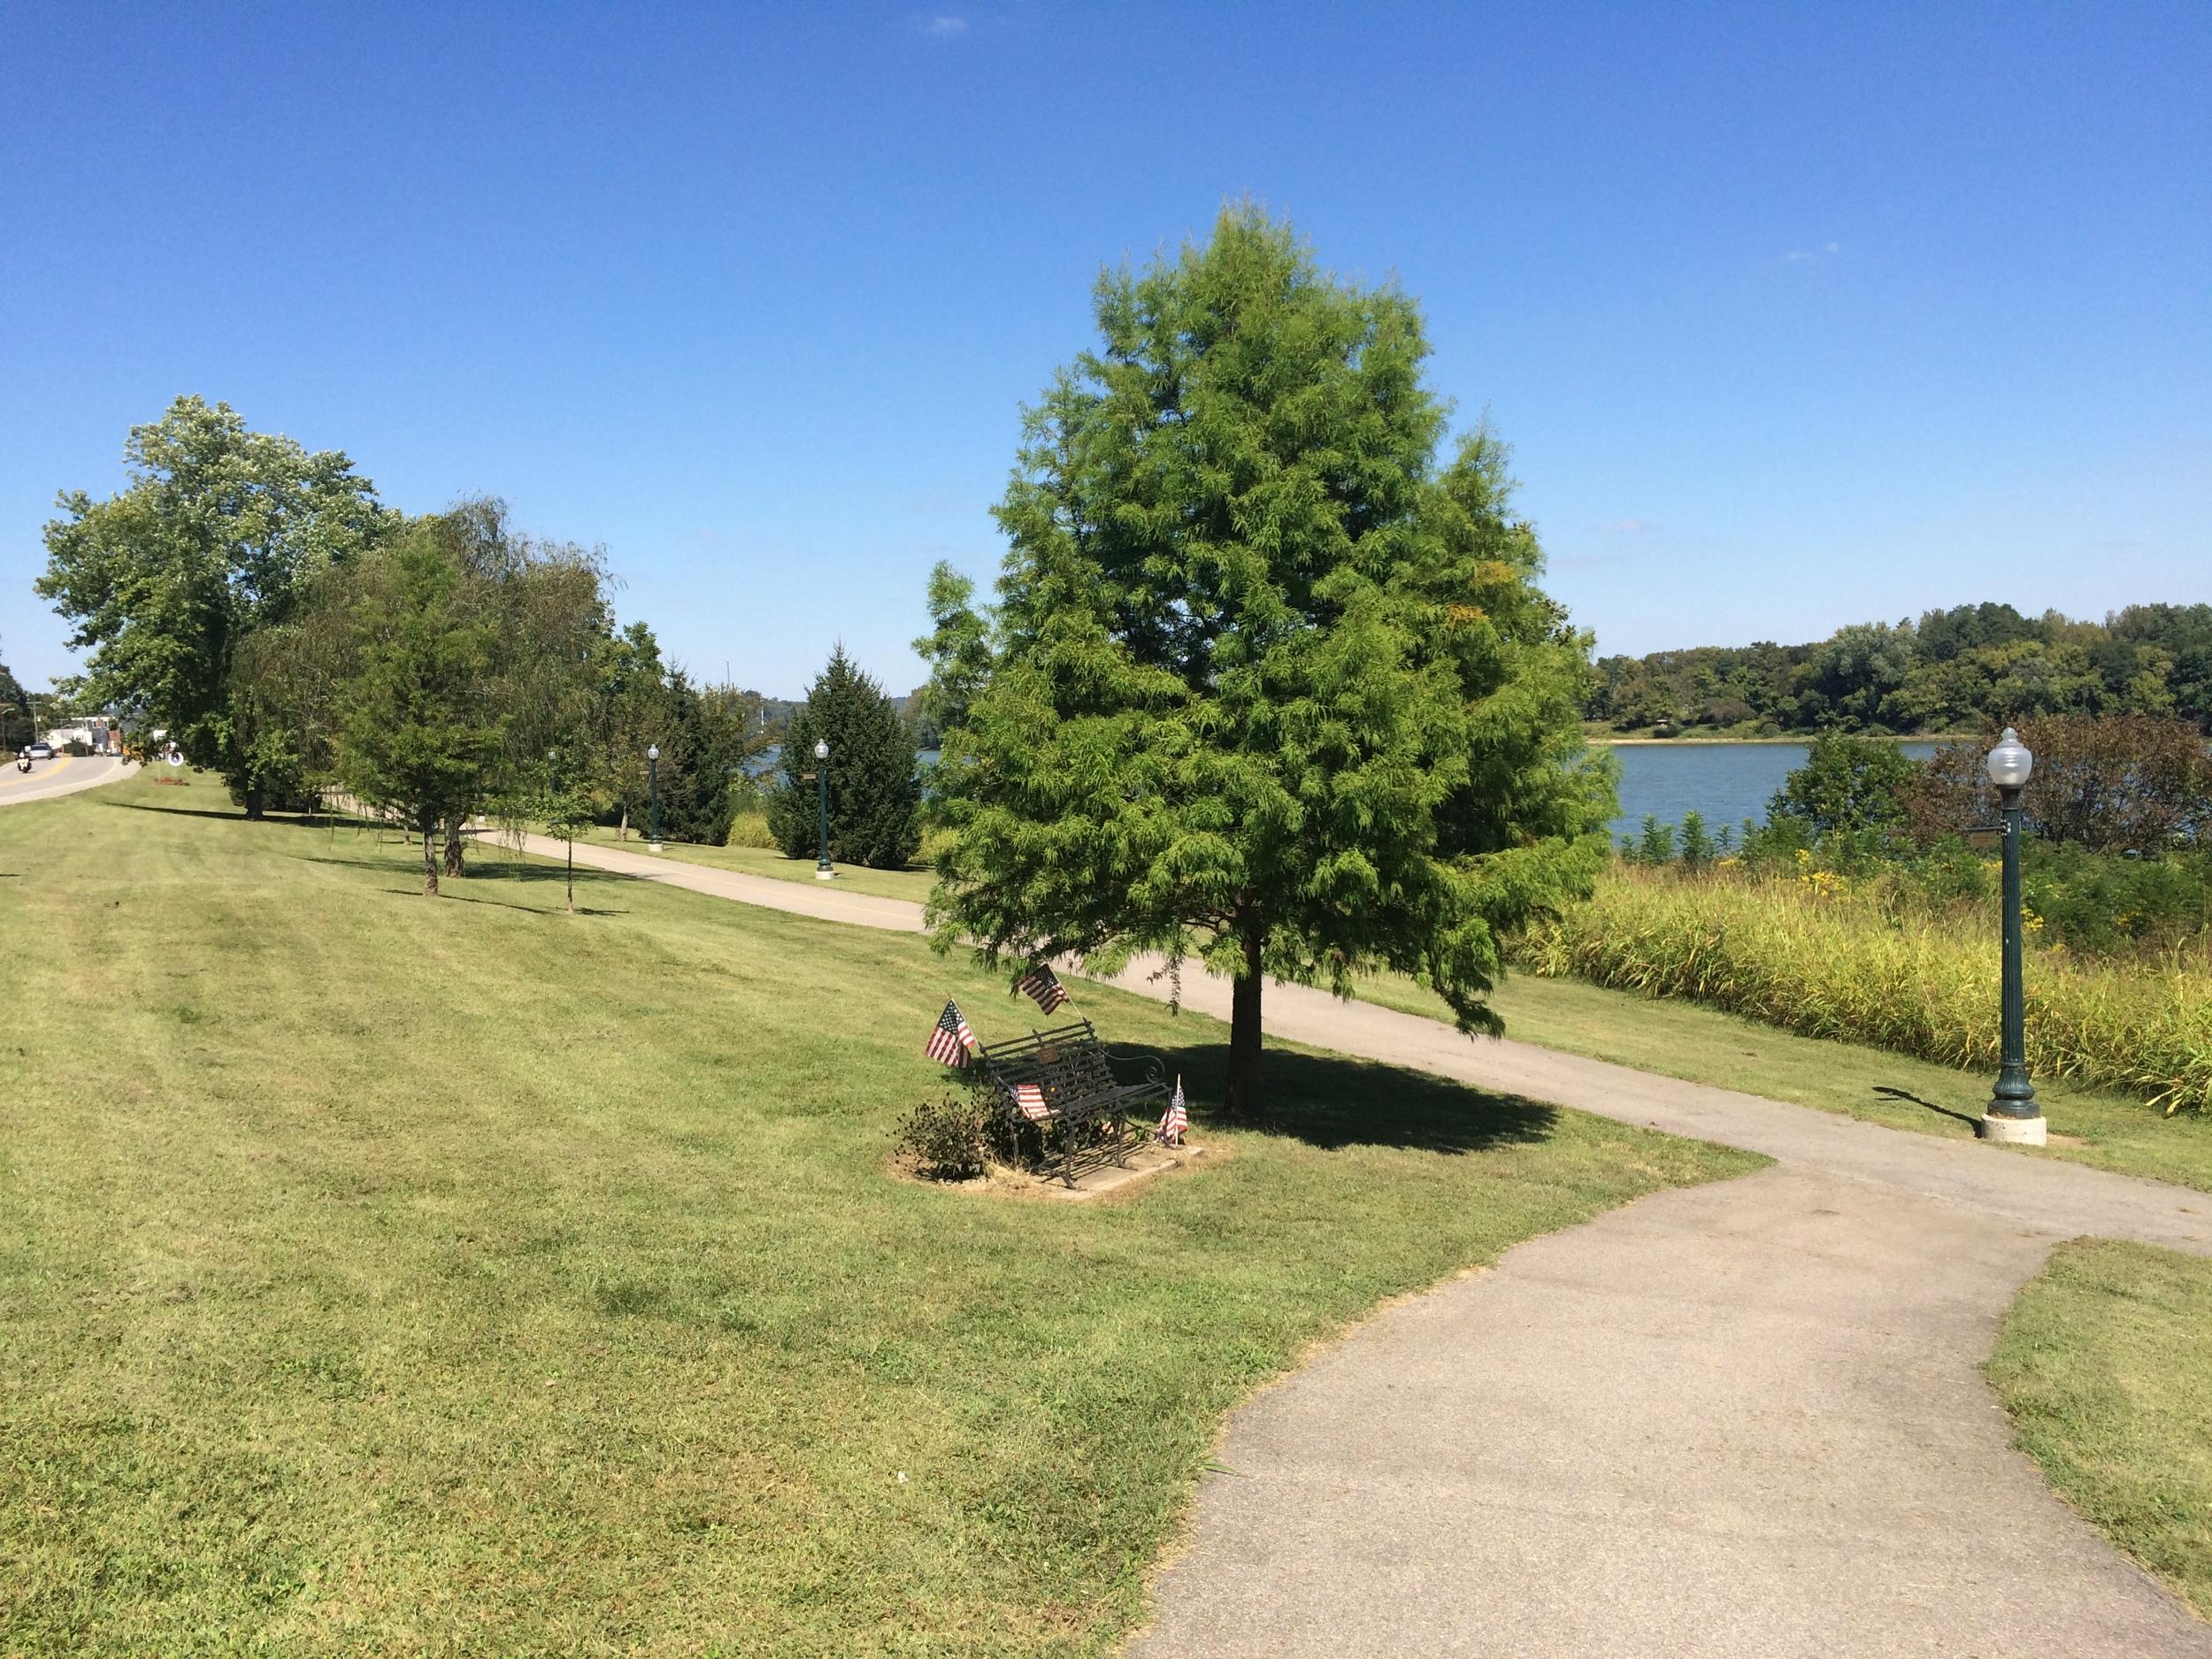 Brief bike path along the Ohio River